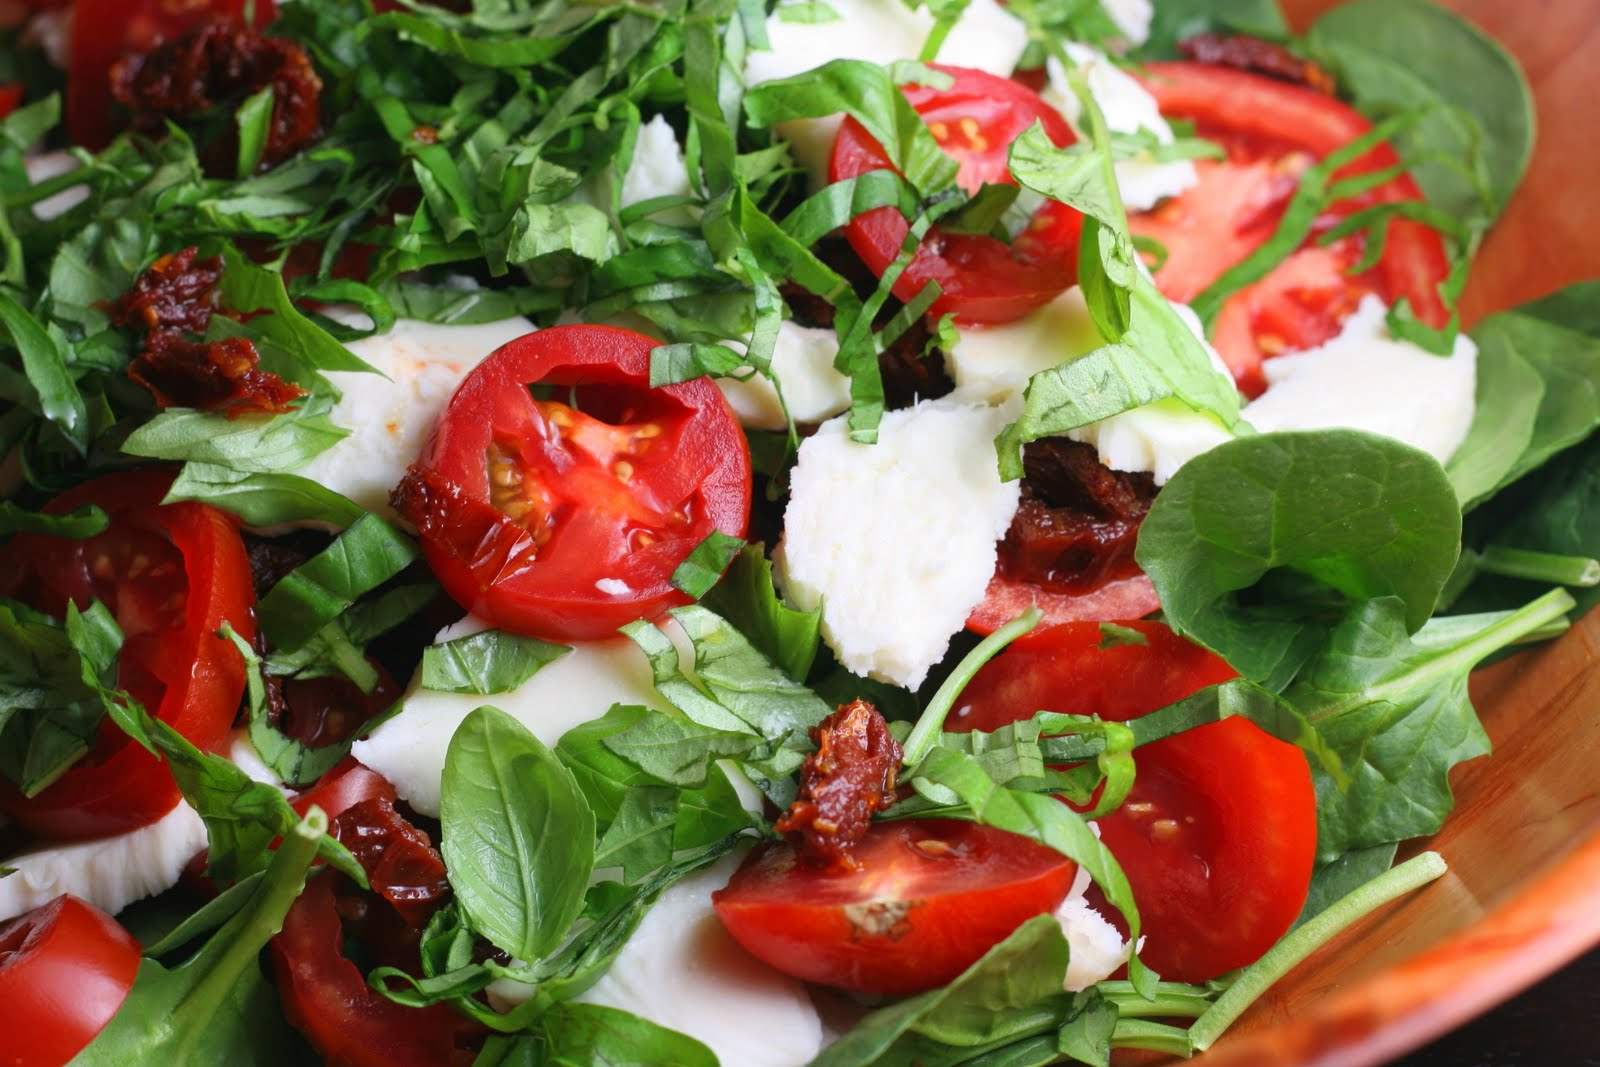 национальные итальянские салаты и закуски рецепты с фото валенсии